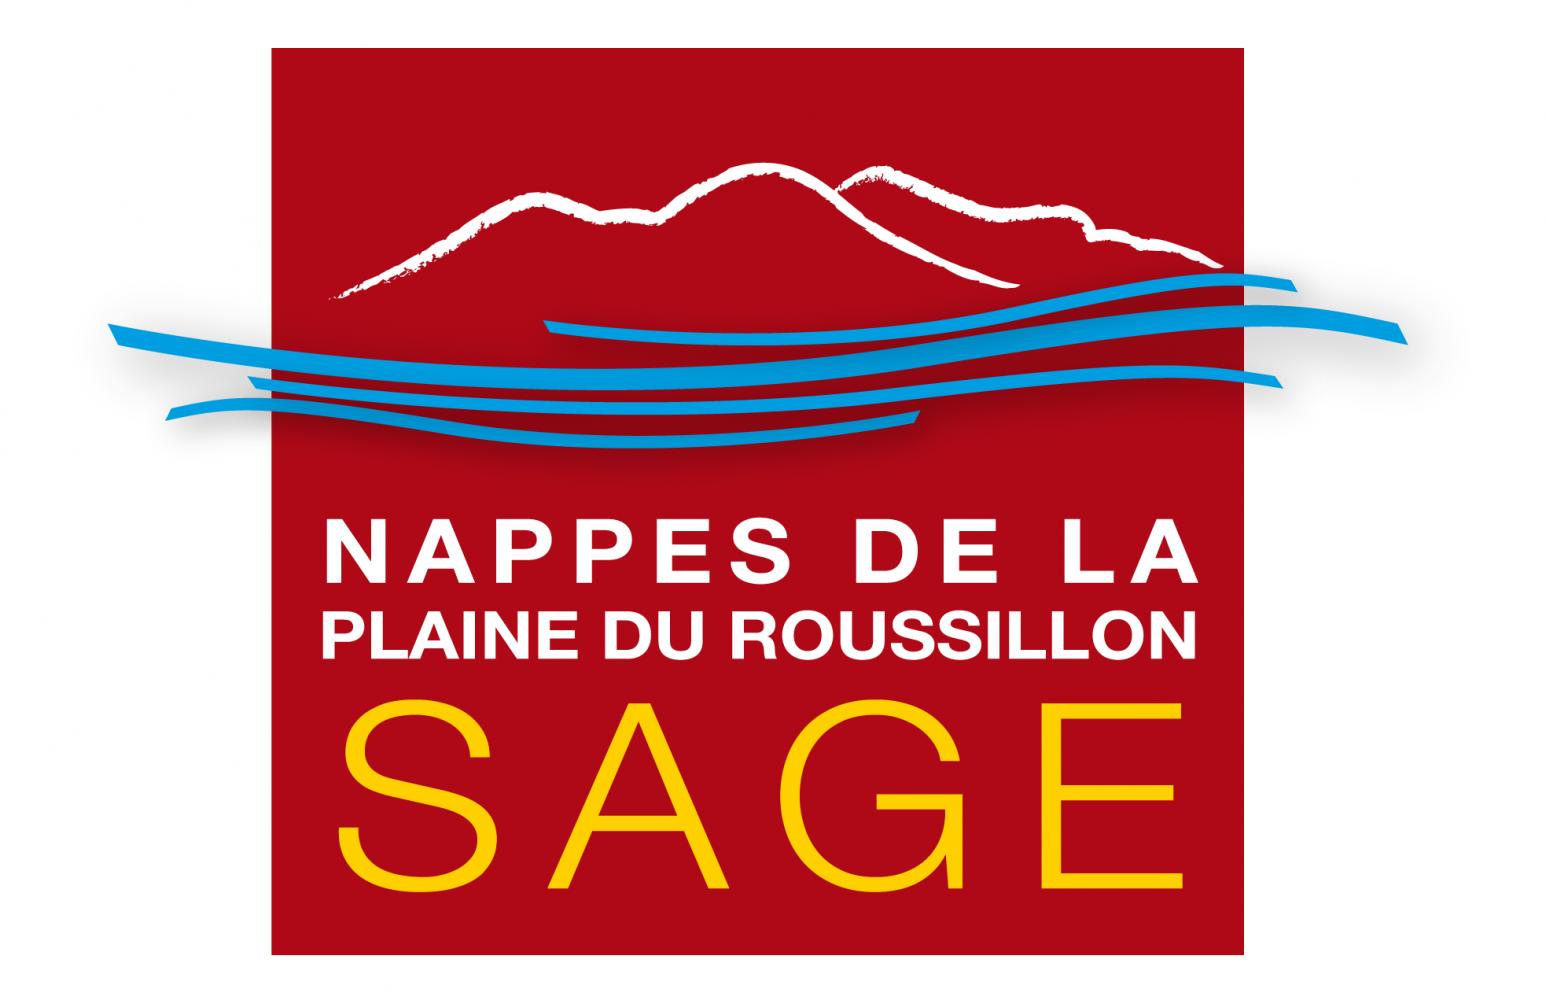 SAGE des nappes de la plaine du Roussillon